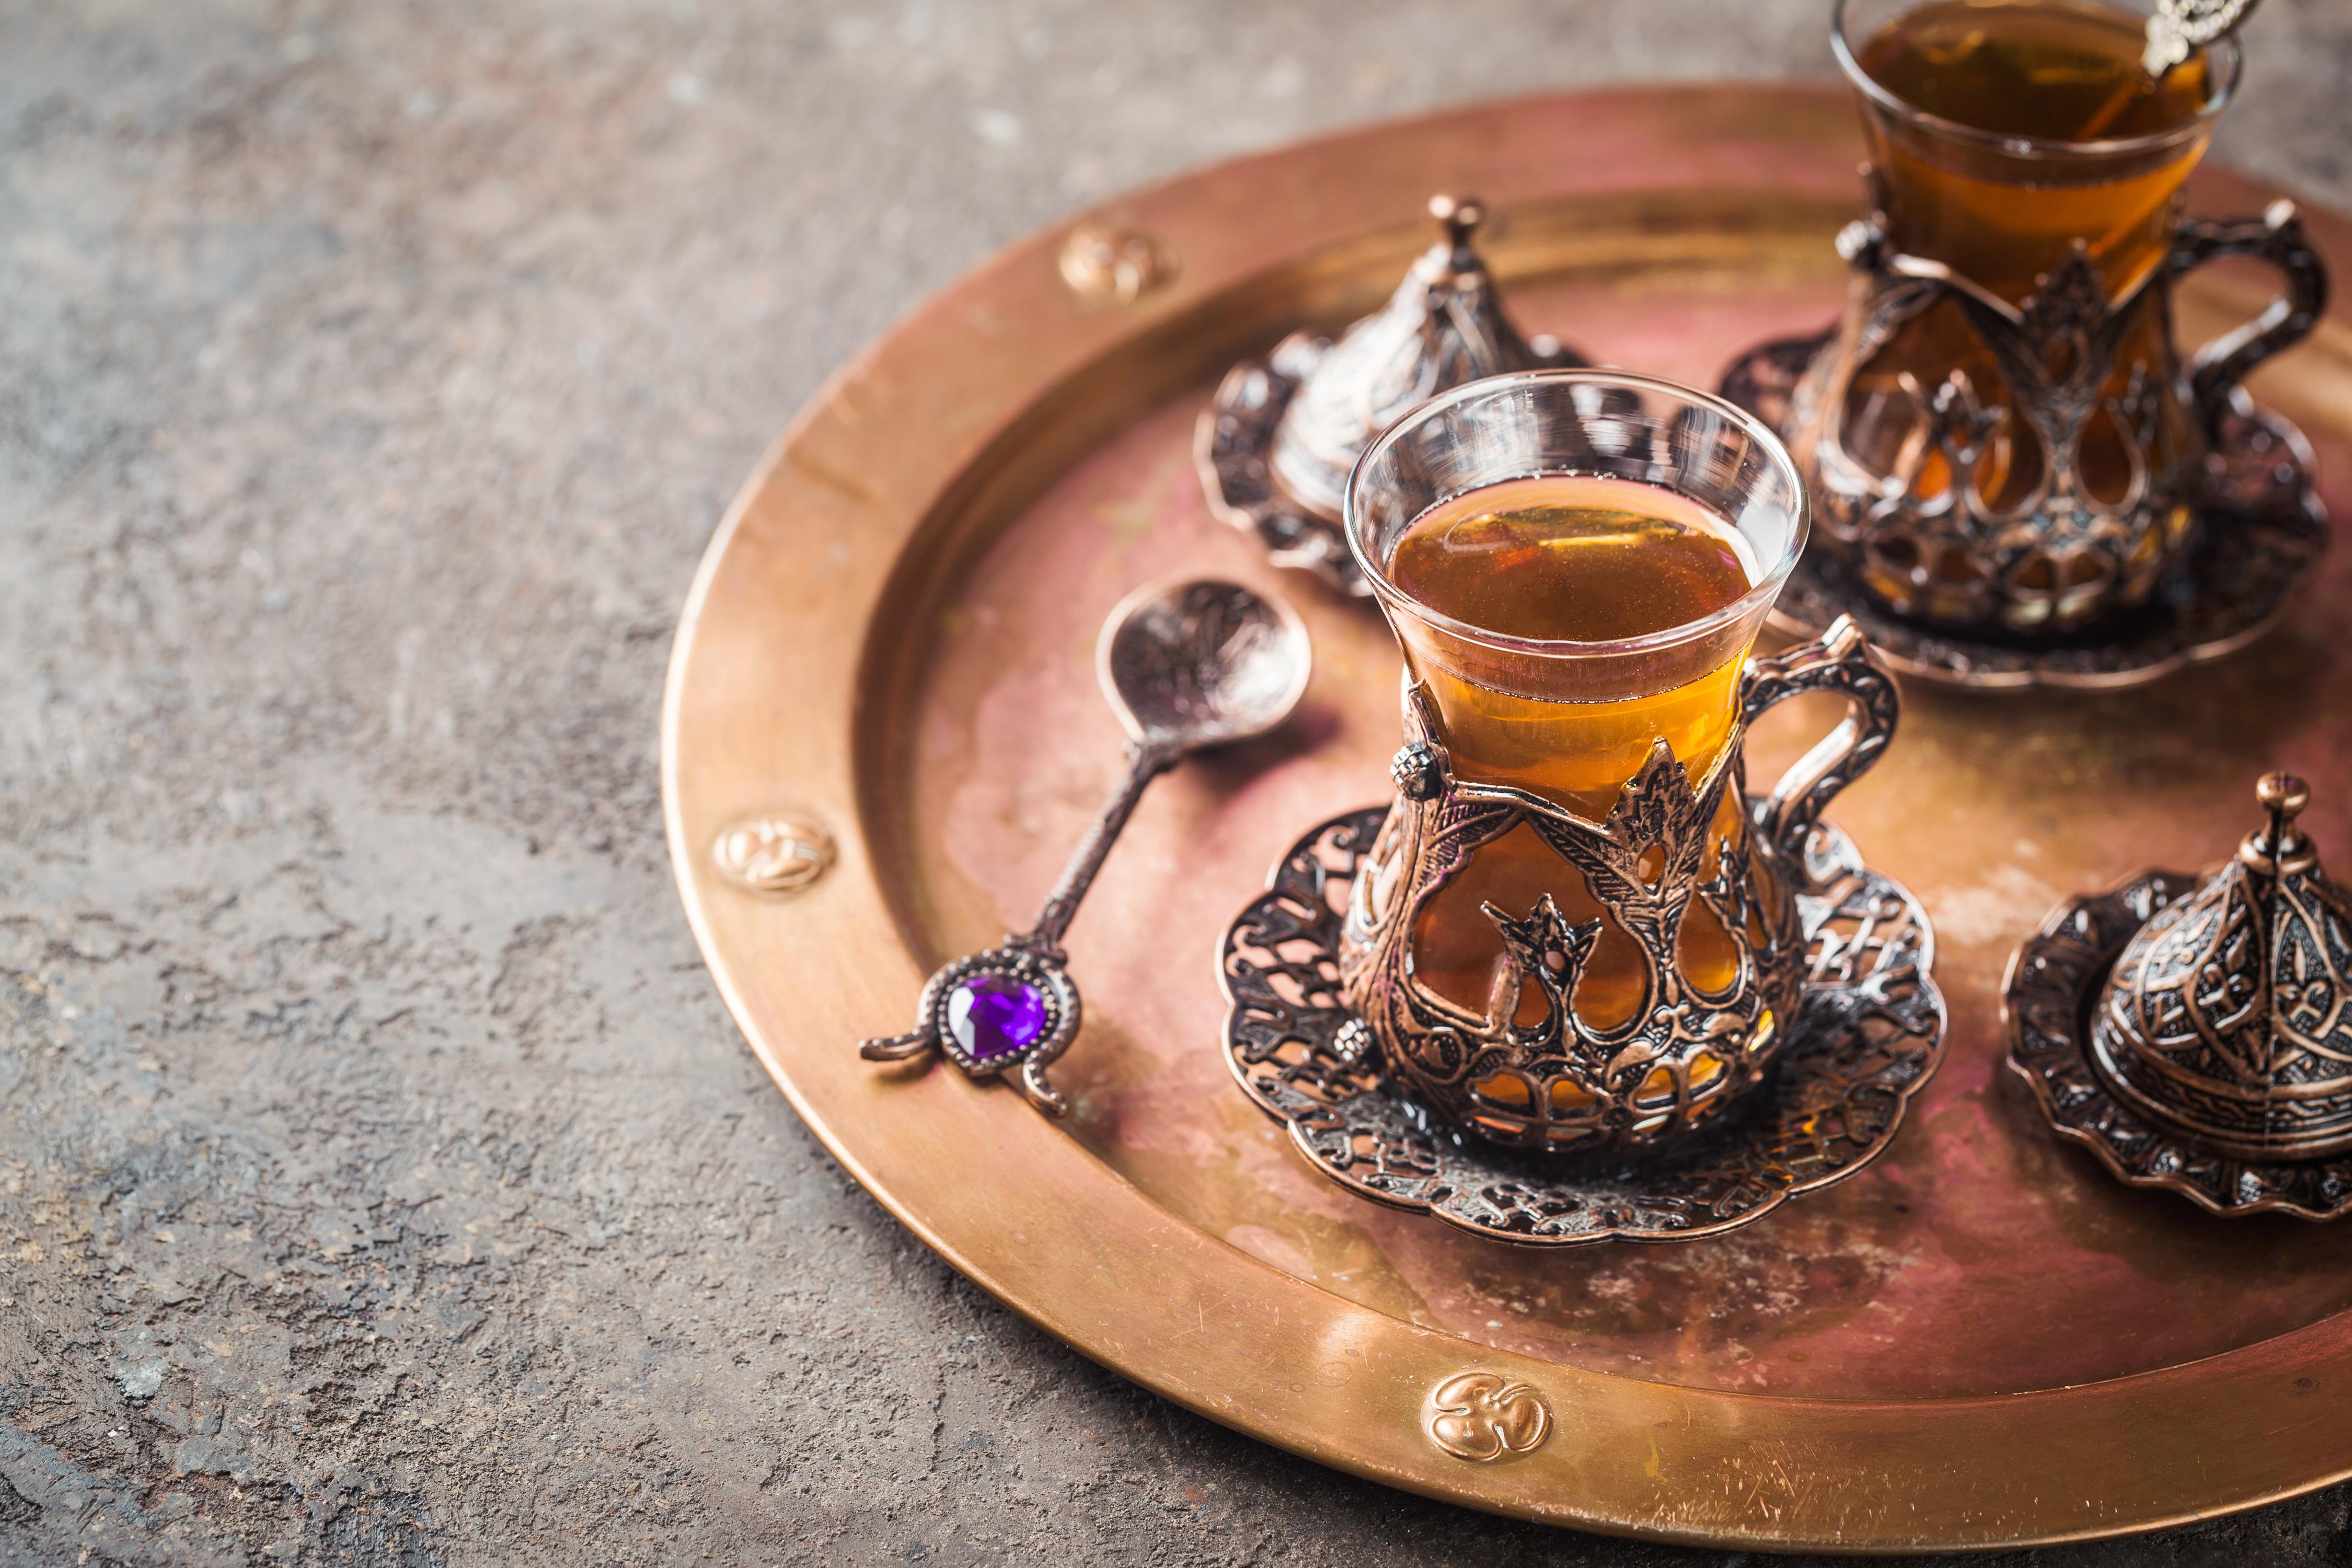 <p>2. Истанбул Ако посетите Истанбул, трябва да опитате традиционния им турски чай. Това е най-консумираната топла напитка в тази страна и можете да намерите много нейни версии под 1 долар.</p>